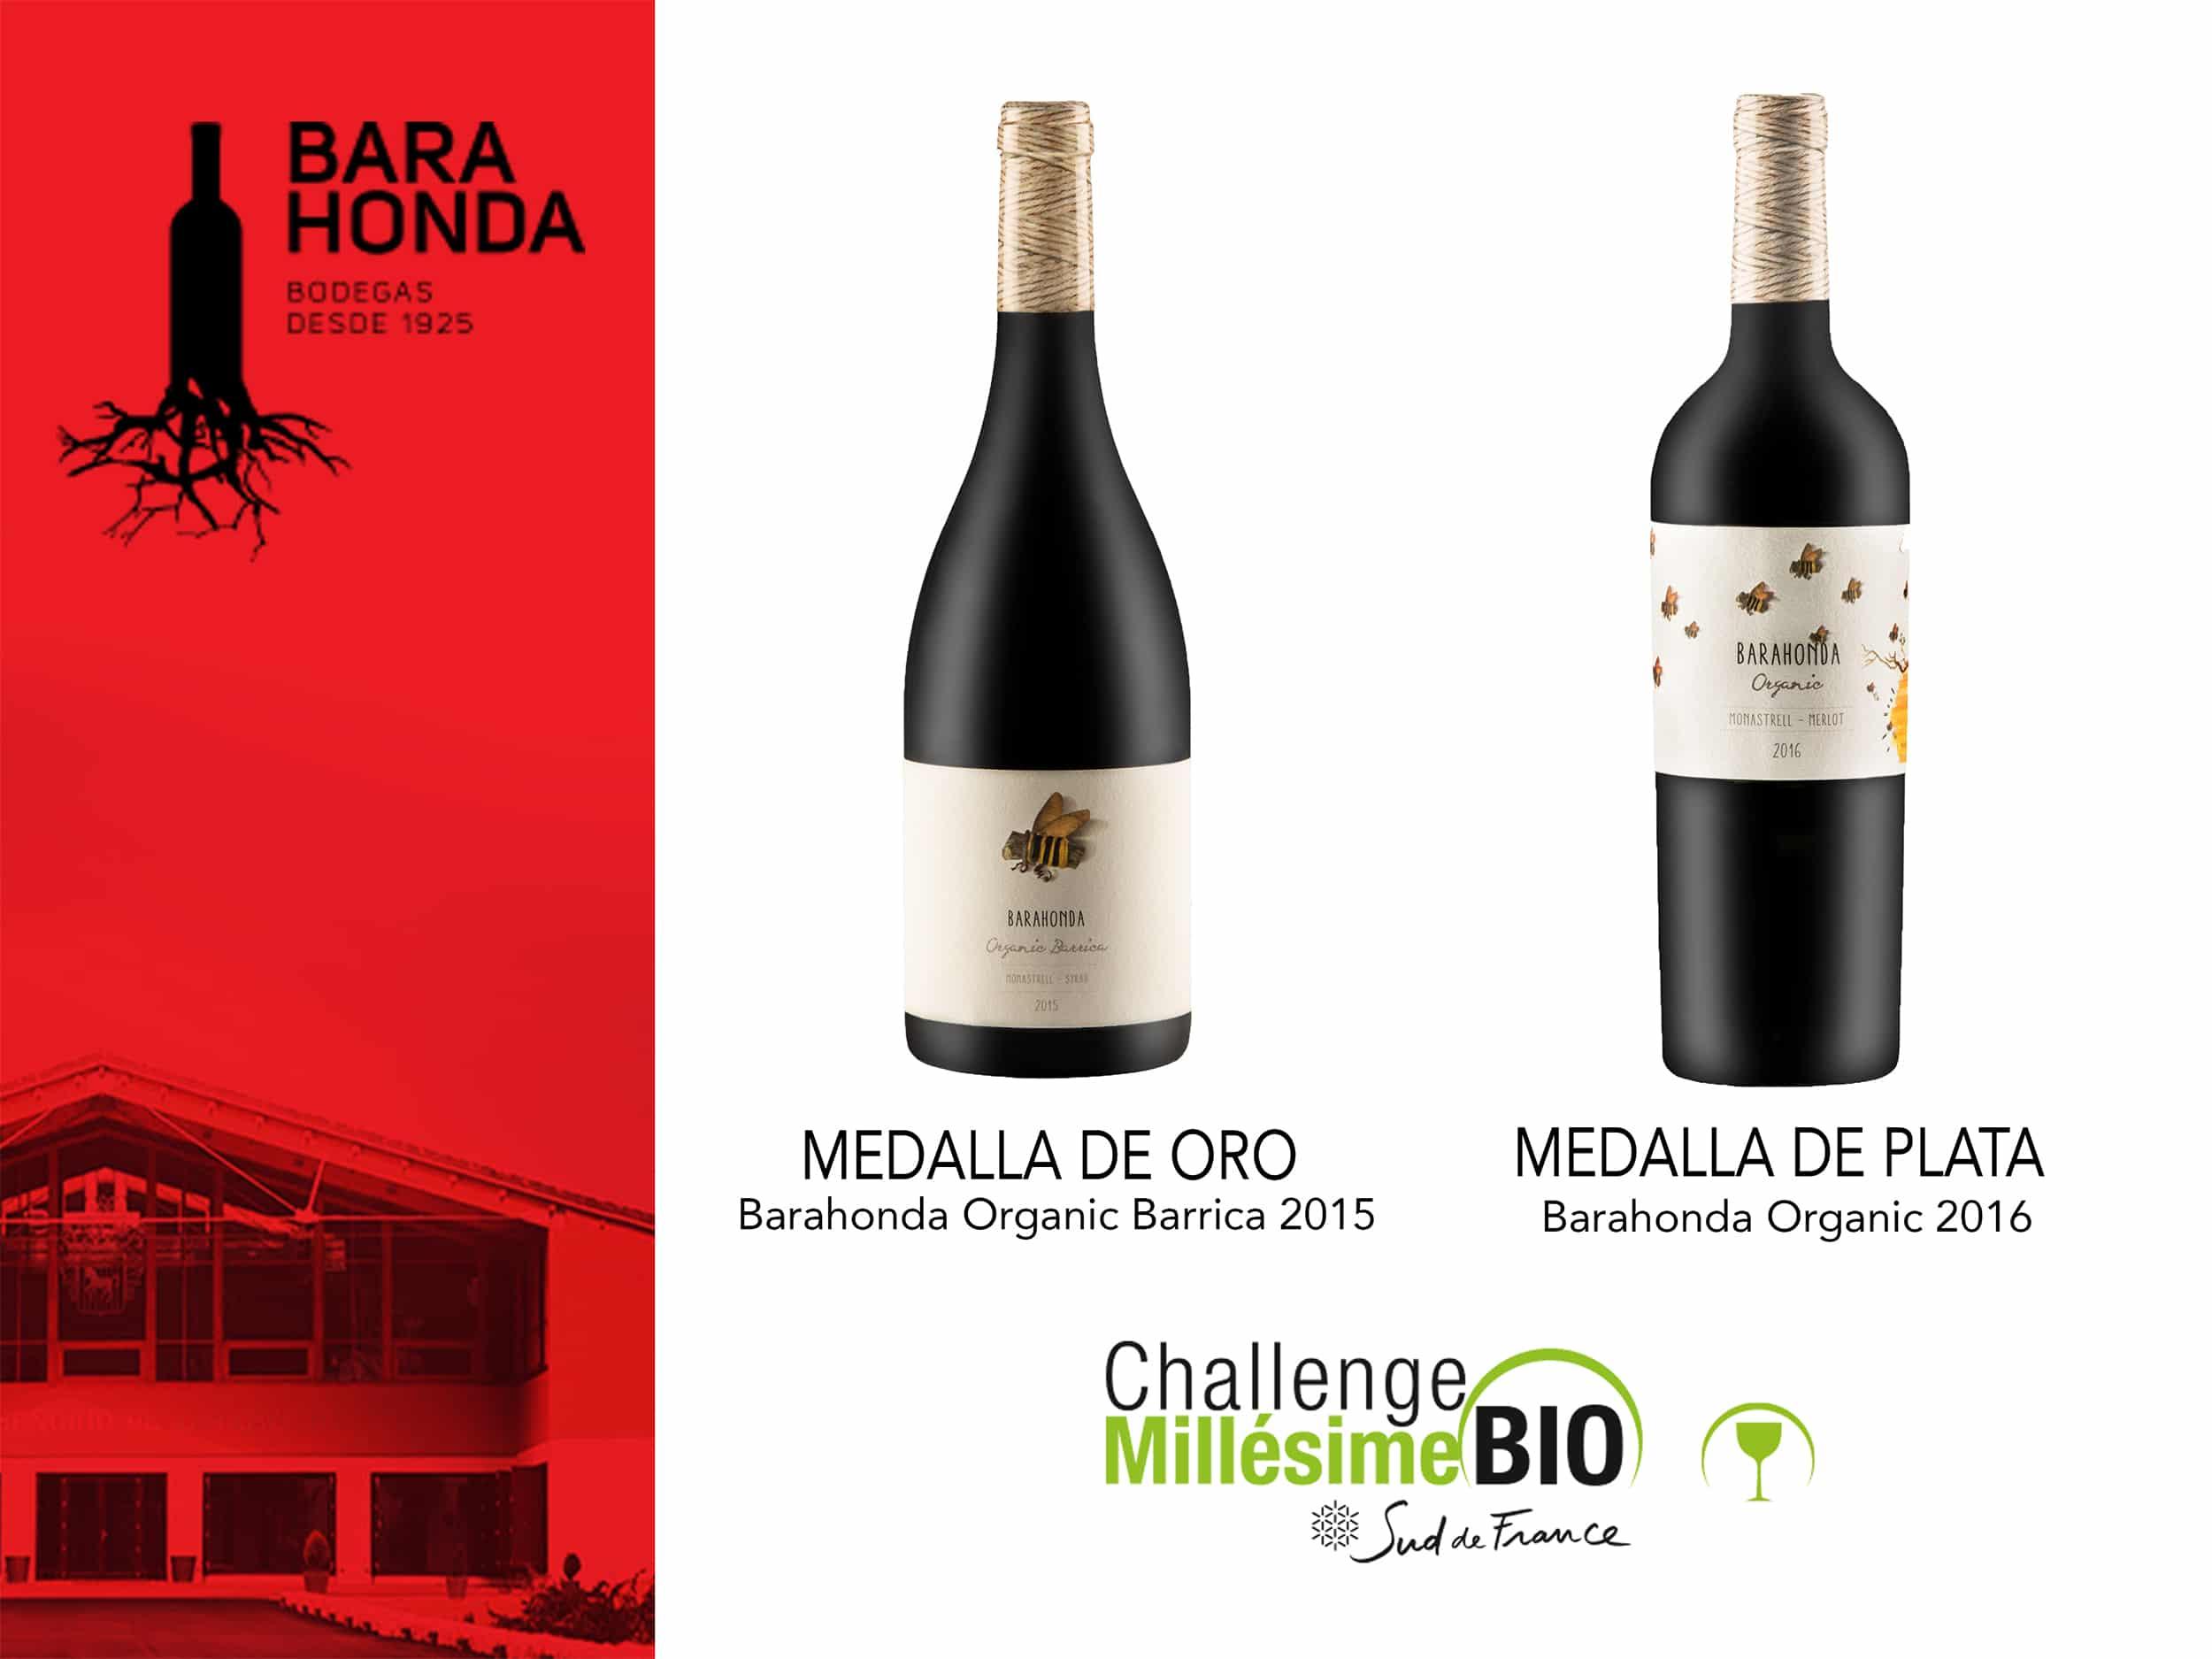 Medallas de oro y plata para los vinos Barahonda Organic en el Challenge Millésime Bio 2018